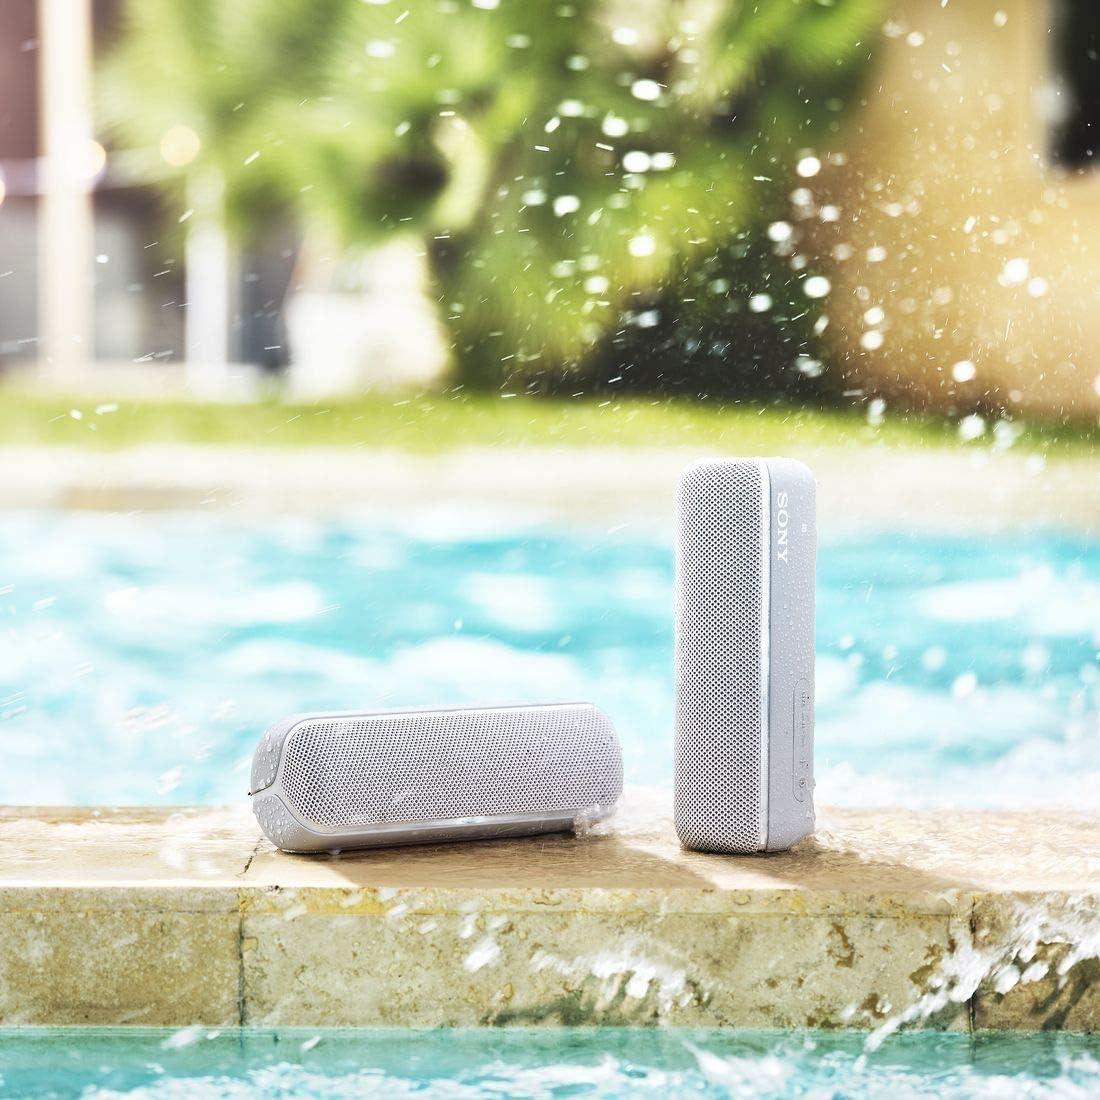 ソニー ワイヤレスポータブルスピーカー SRS-XB22 : 防水 / 防塵 / 防錆 / Bluetooth / 重低音モデル / マイク付き/ 最大12時間連続再生 2019年モデル / マイク付き/ グレー SRS-XB22 H